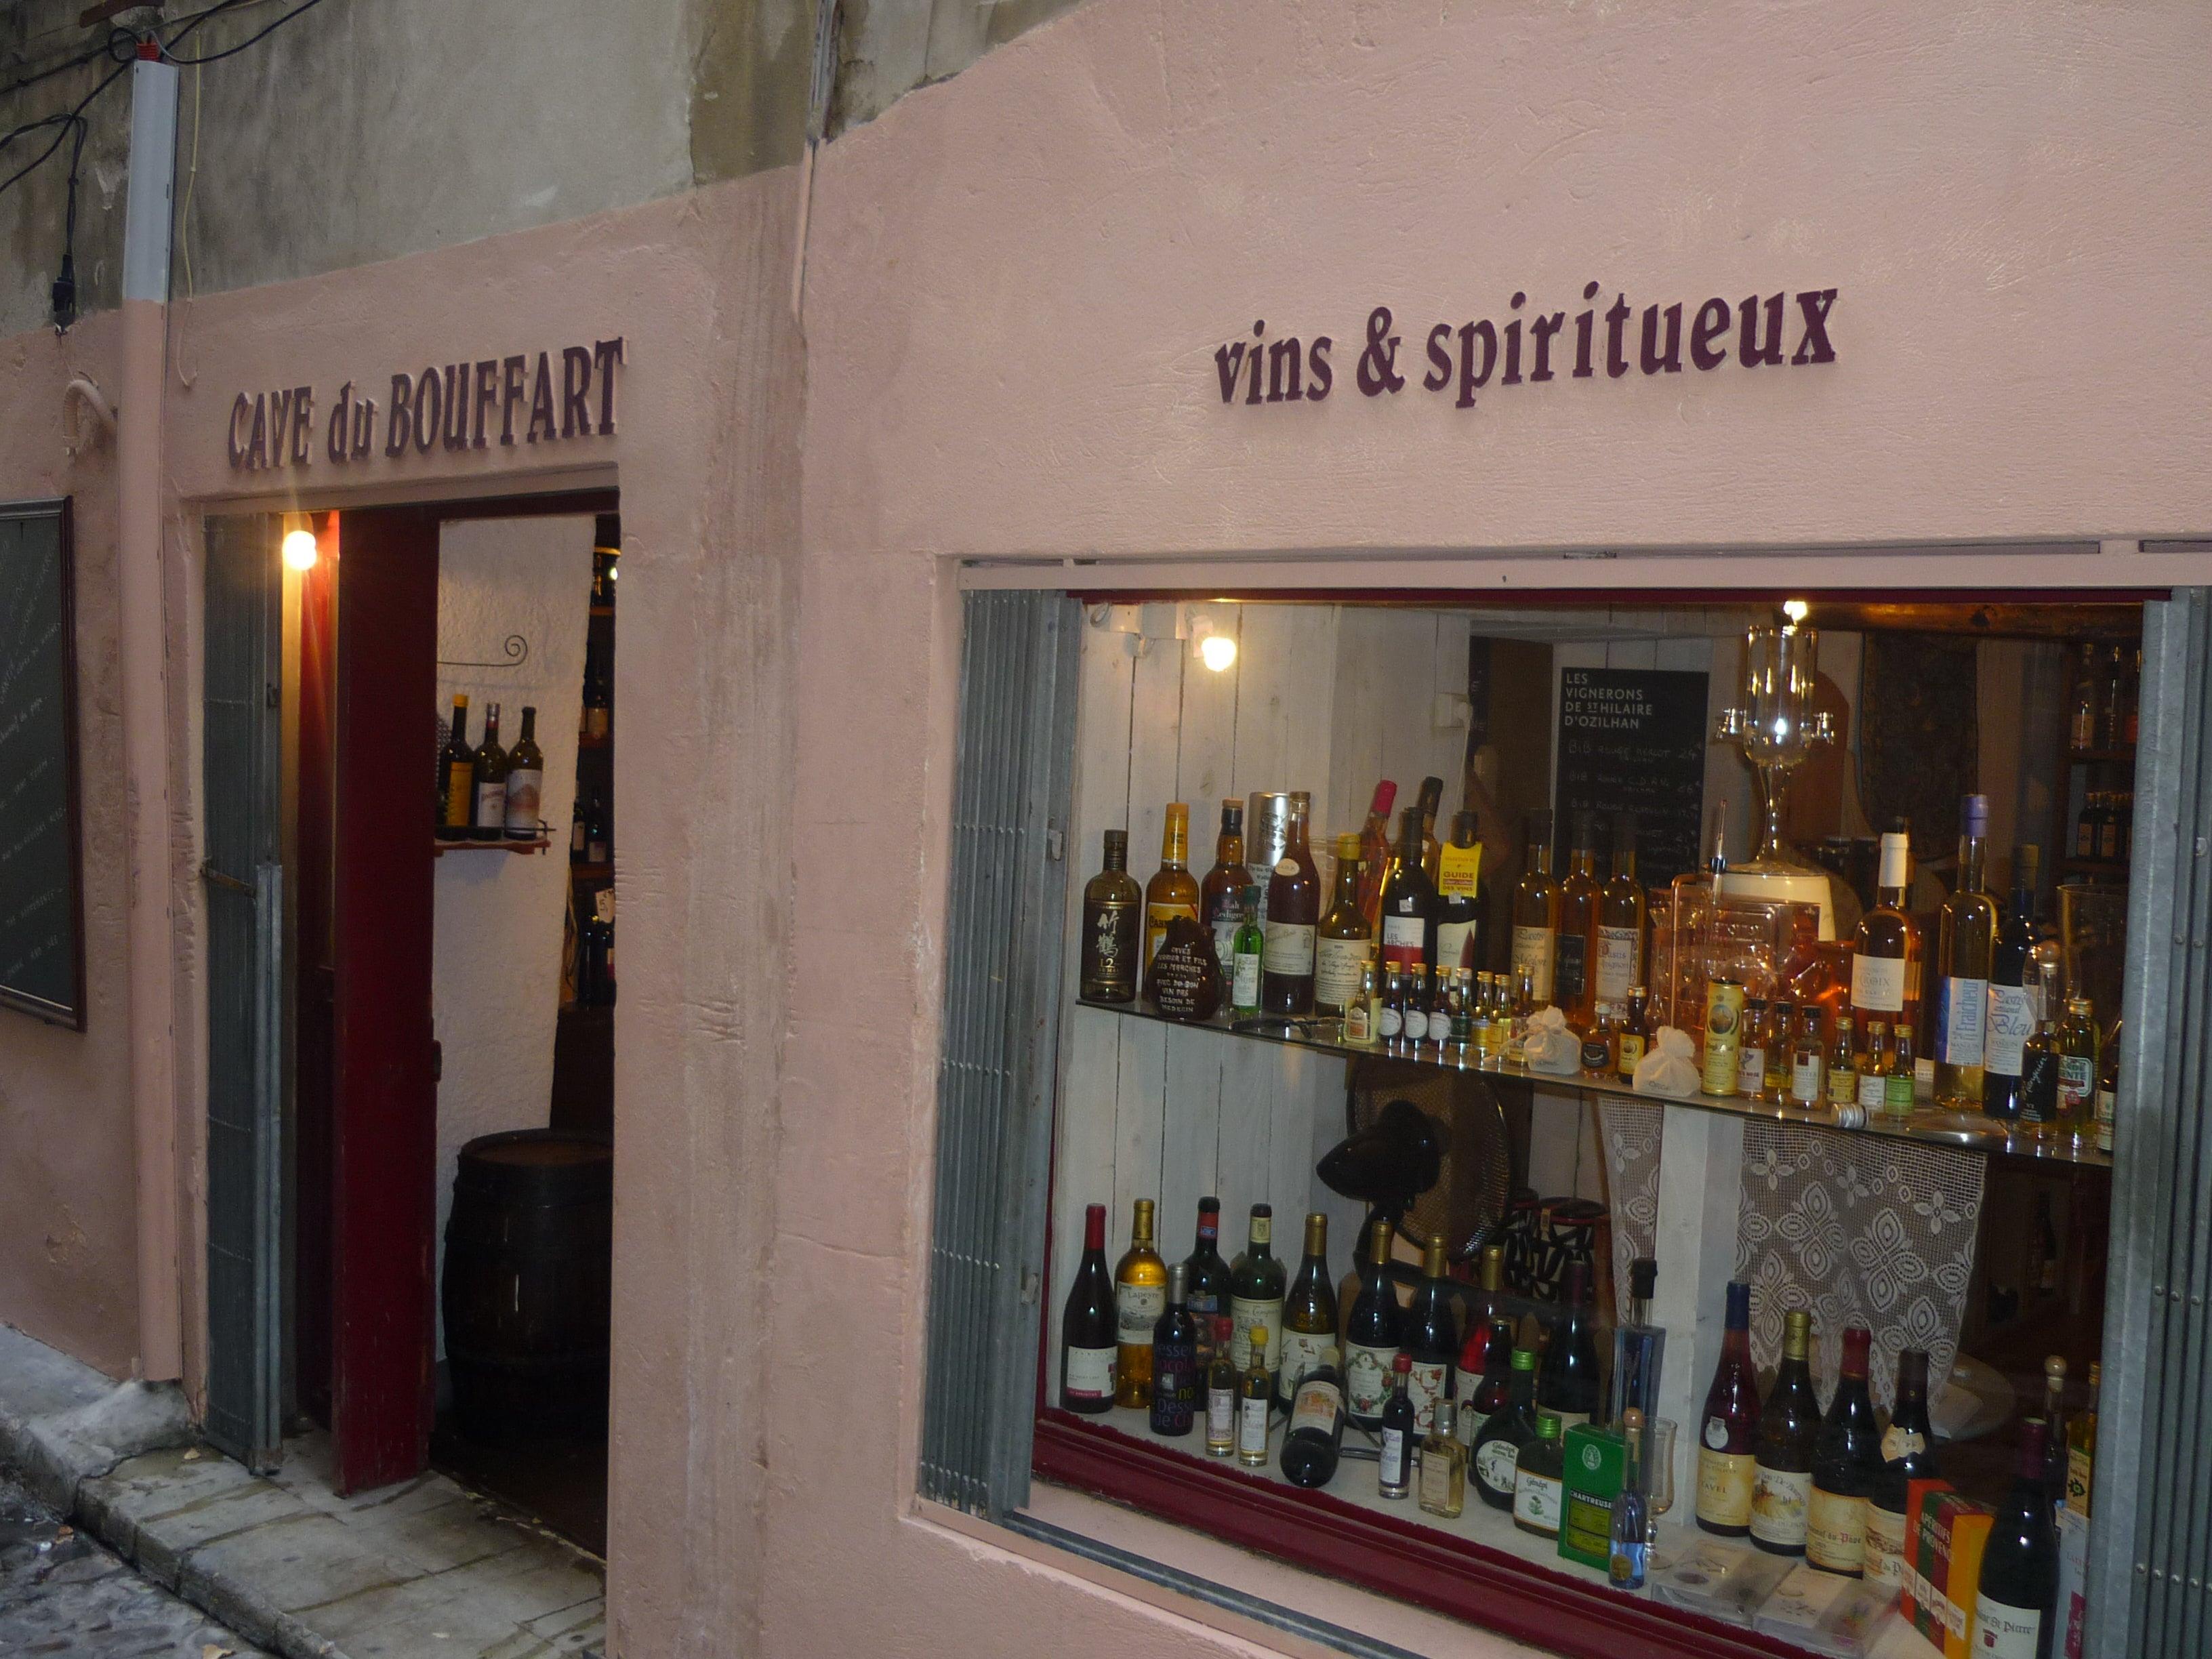 La Cave du Bouffart em Avignon